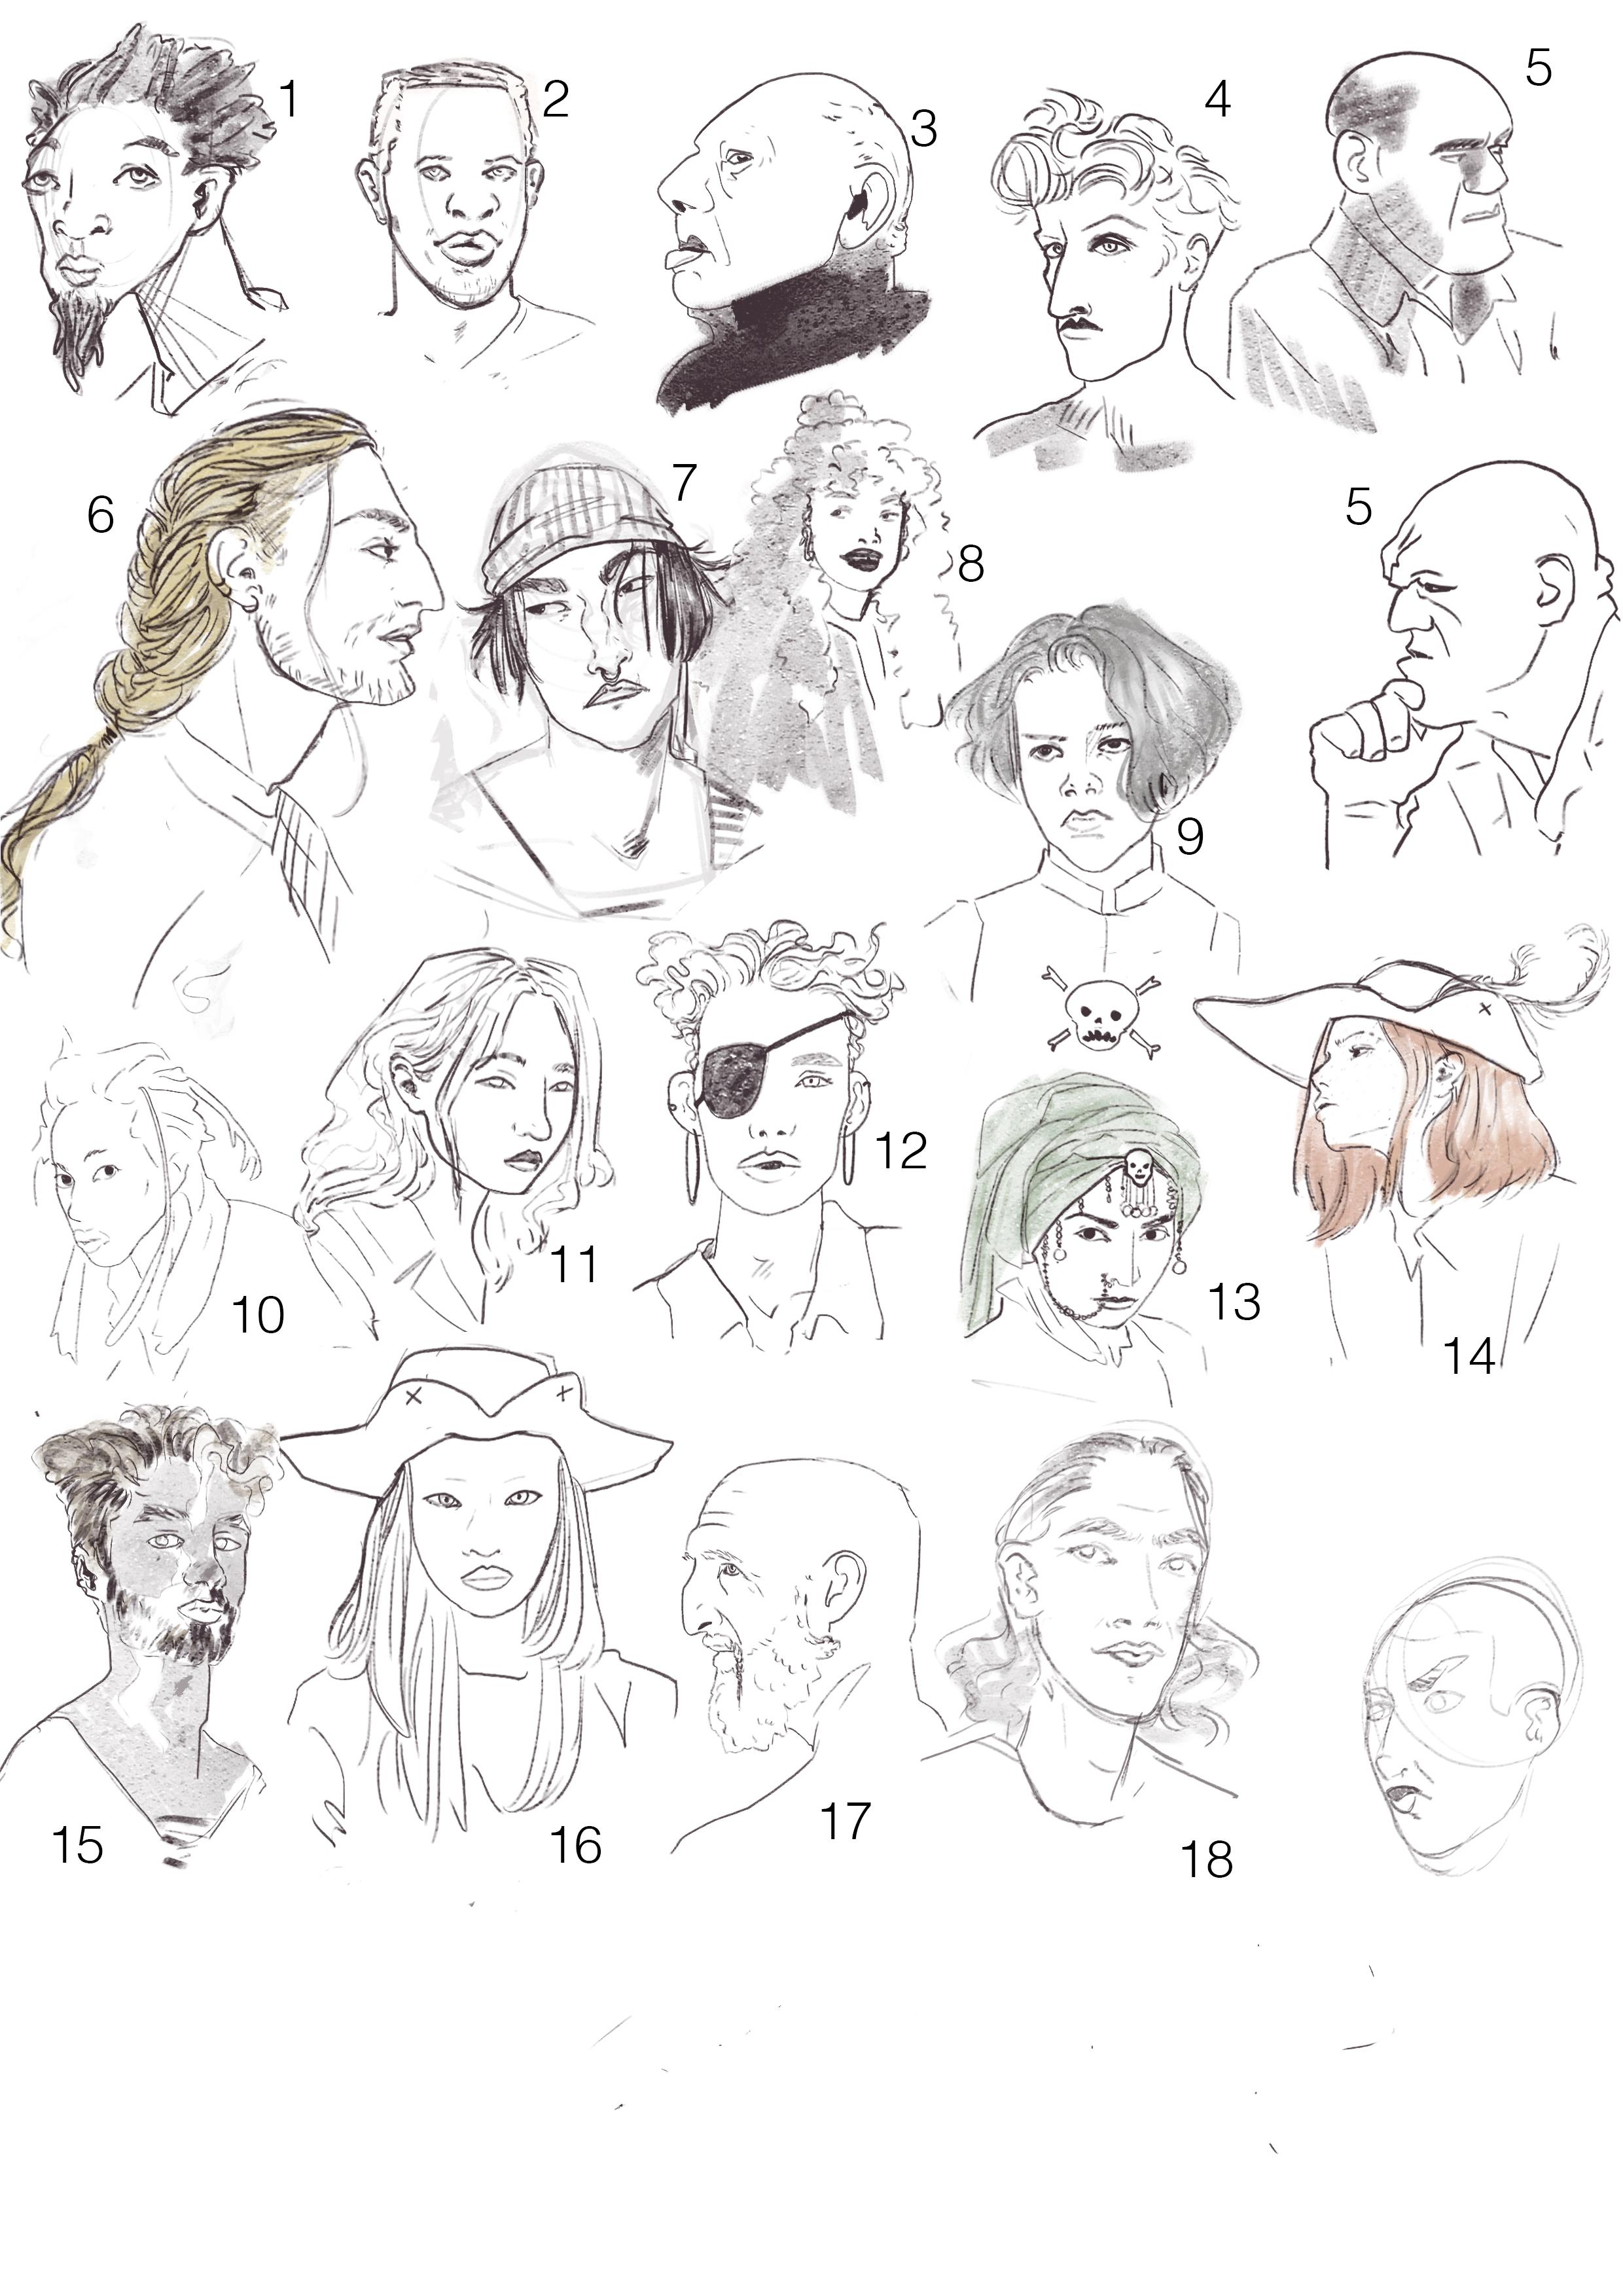 Crew Sketches